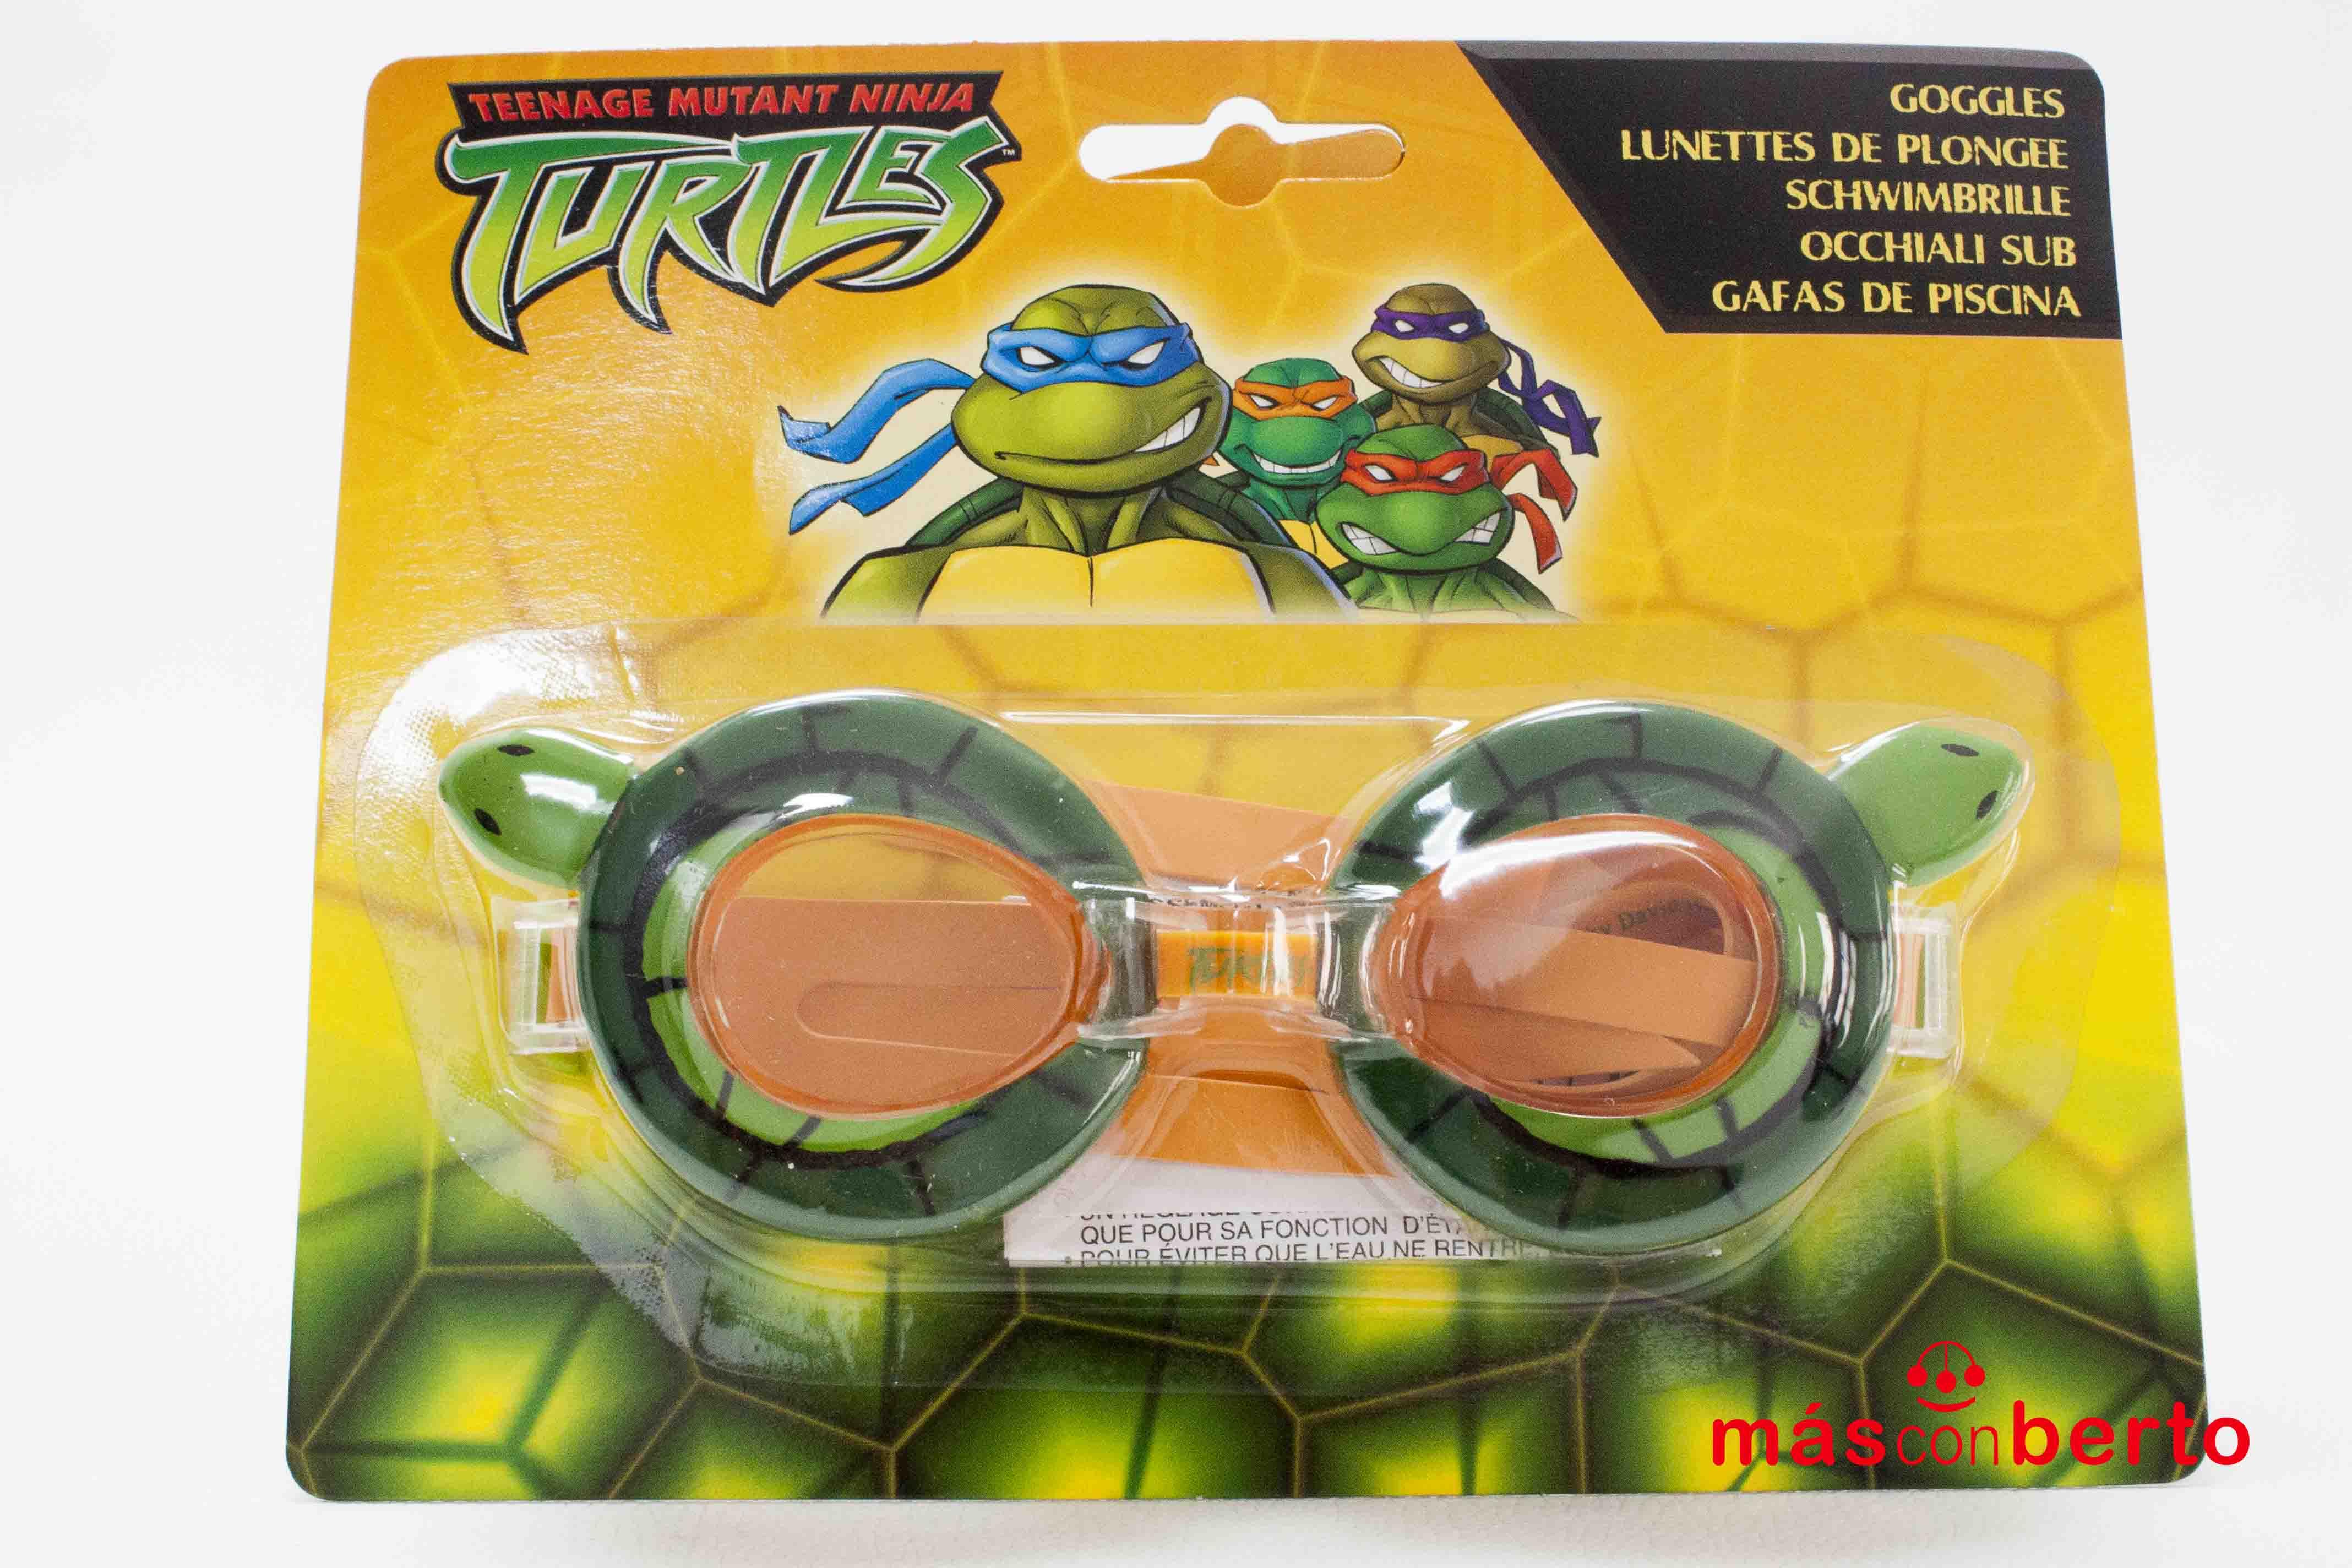 Gafas de piscina Tortugas...